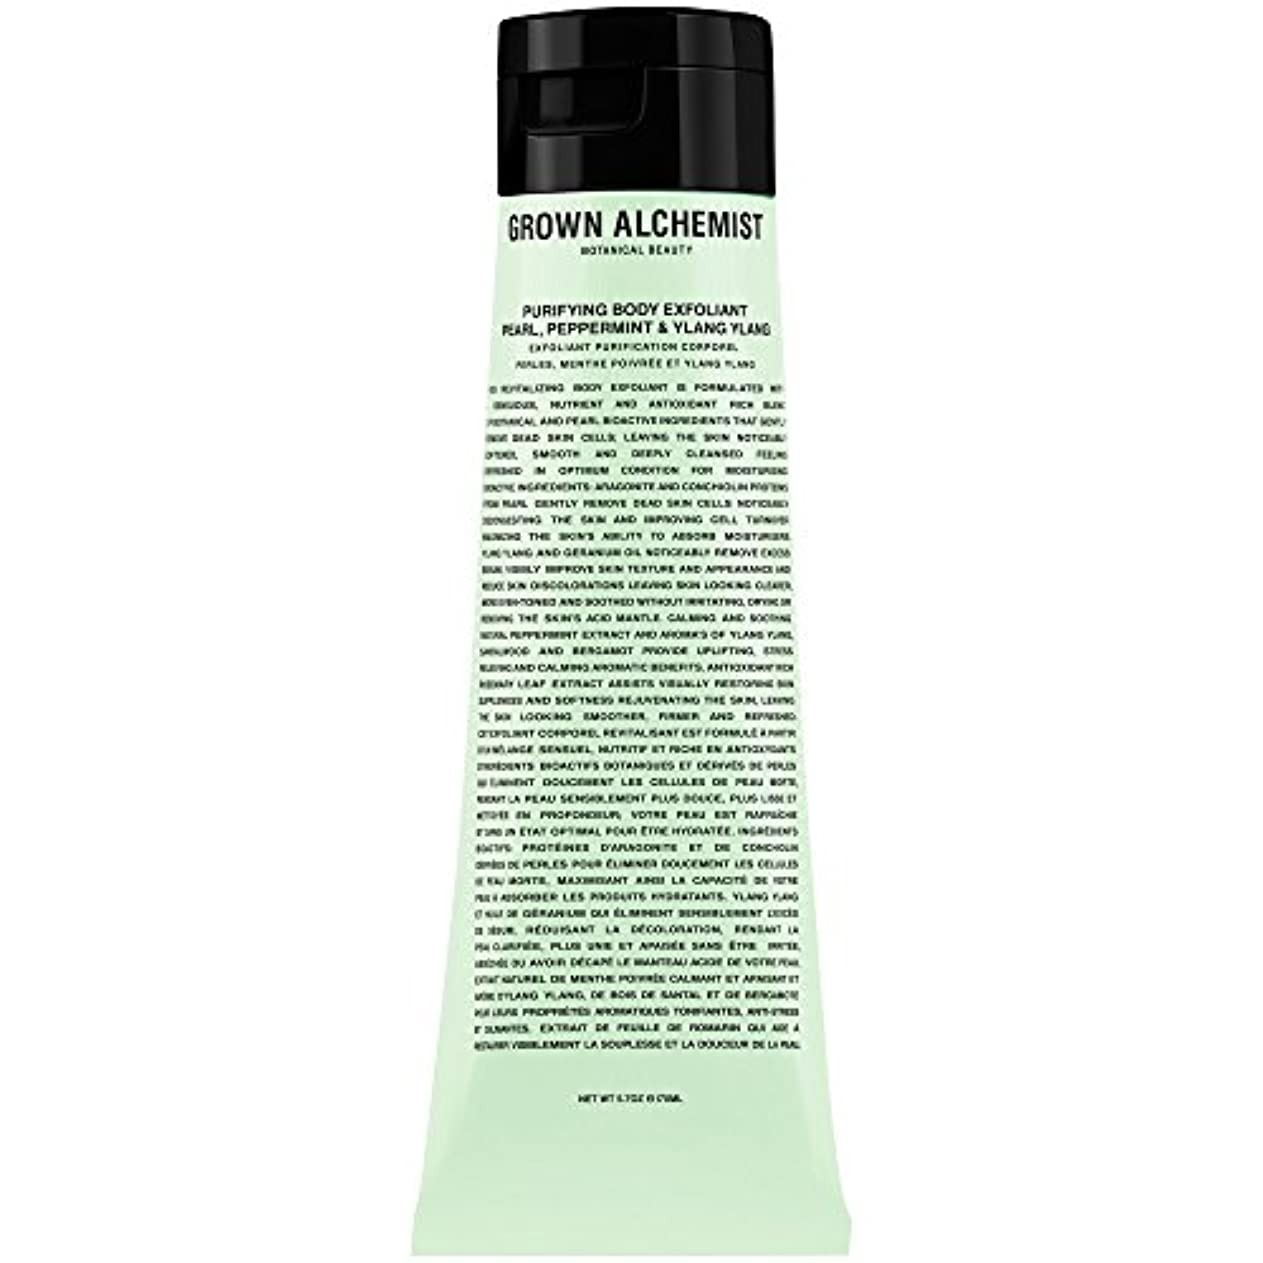 豊富なローブキリスト教成長した錬金術師浄化体剥脱真珠ペパーミント&イランイラン170ミリリットル (Grown Alchemist) - Grown Alchemist Purifying Body Exfoliant Pearl Peppermint...